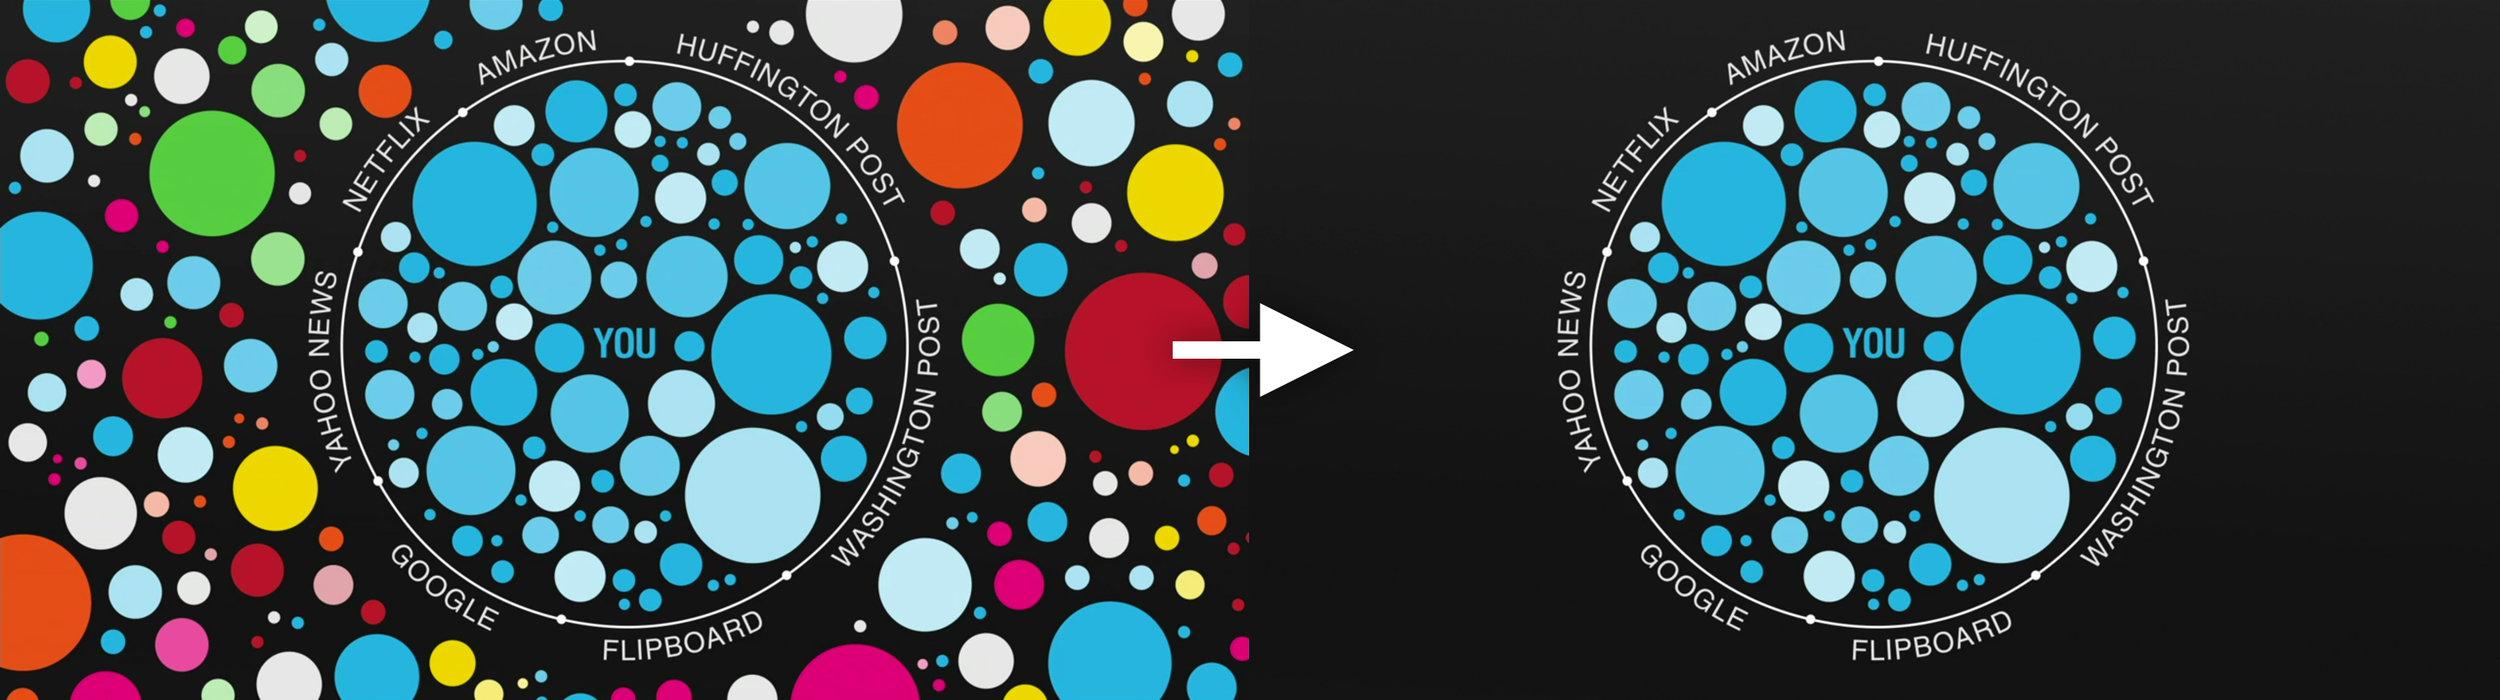 """Pariser, Eli (May 2, 2011),  """"Ted Talk: Beware Online """"Filter Bubbles"""""""""""